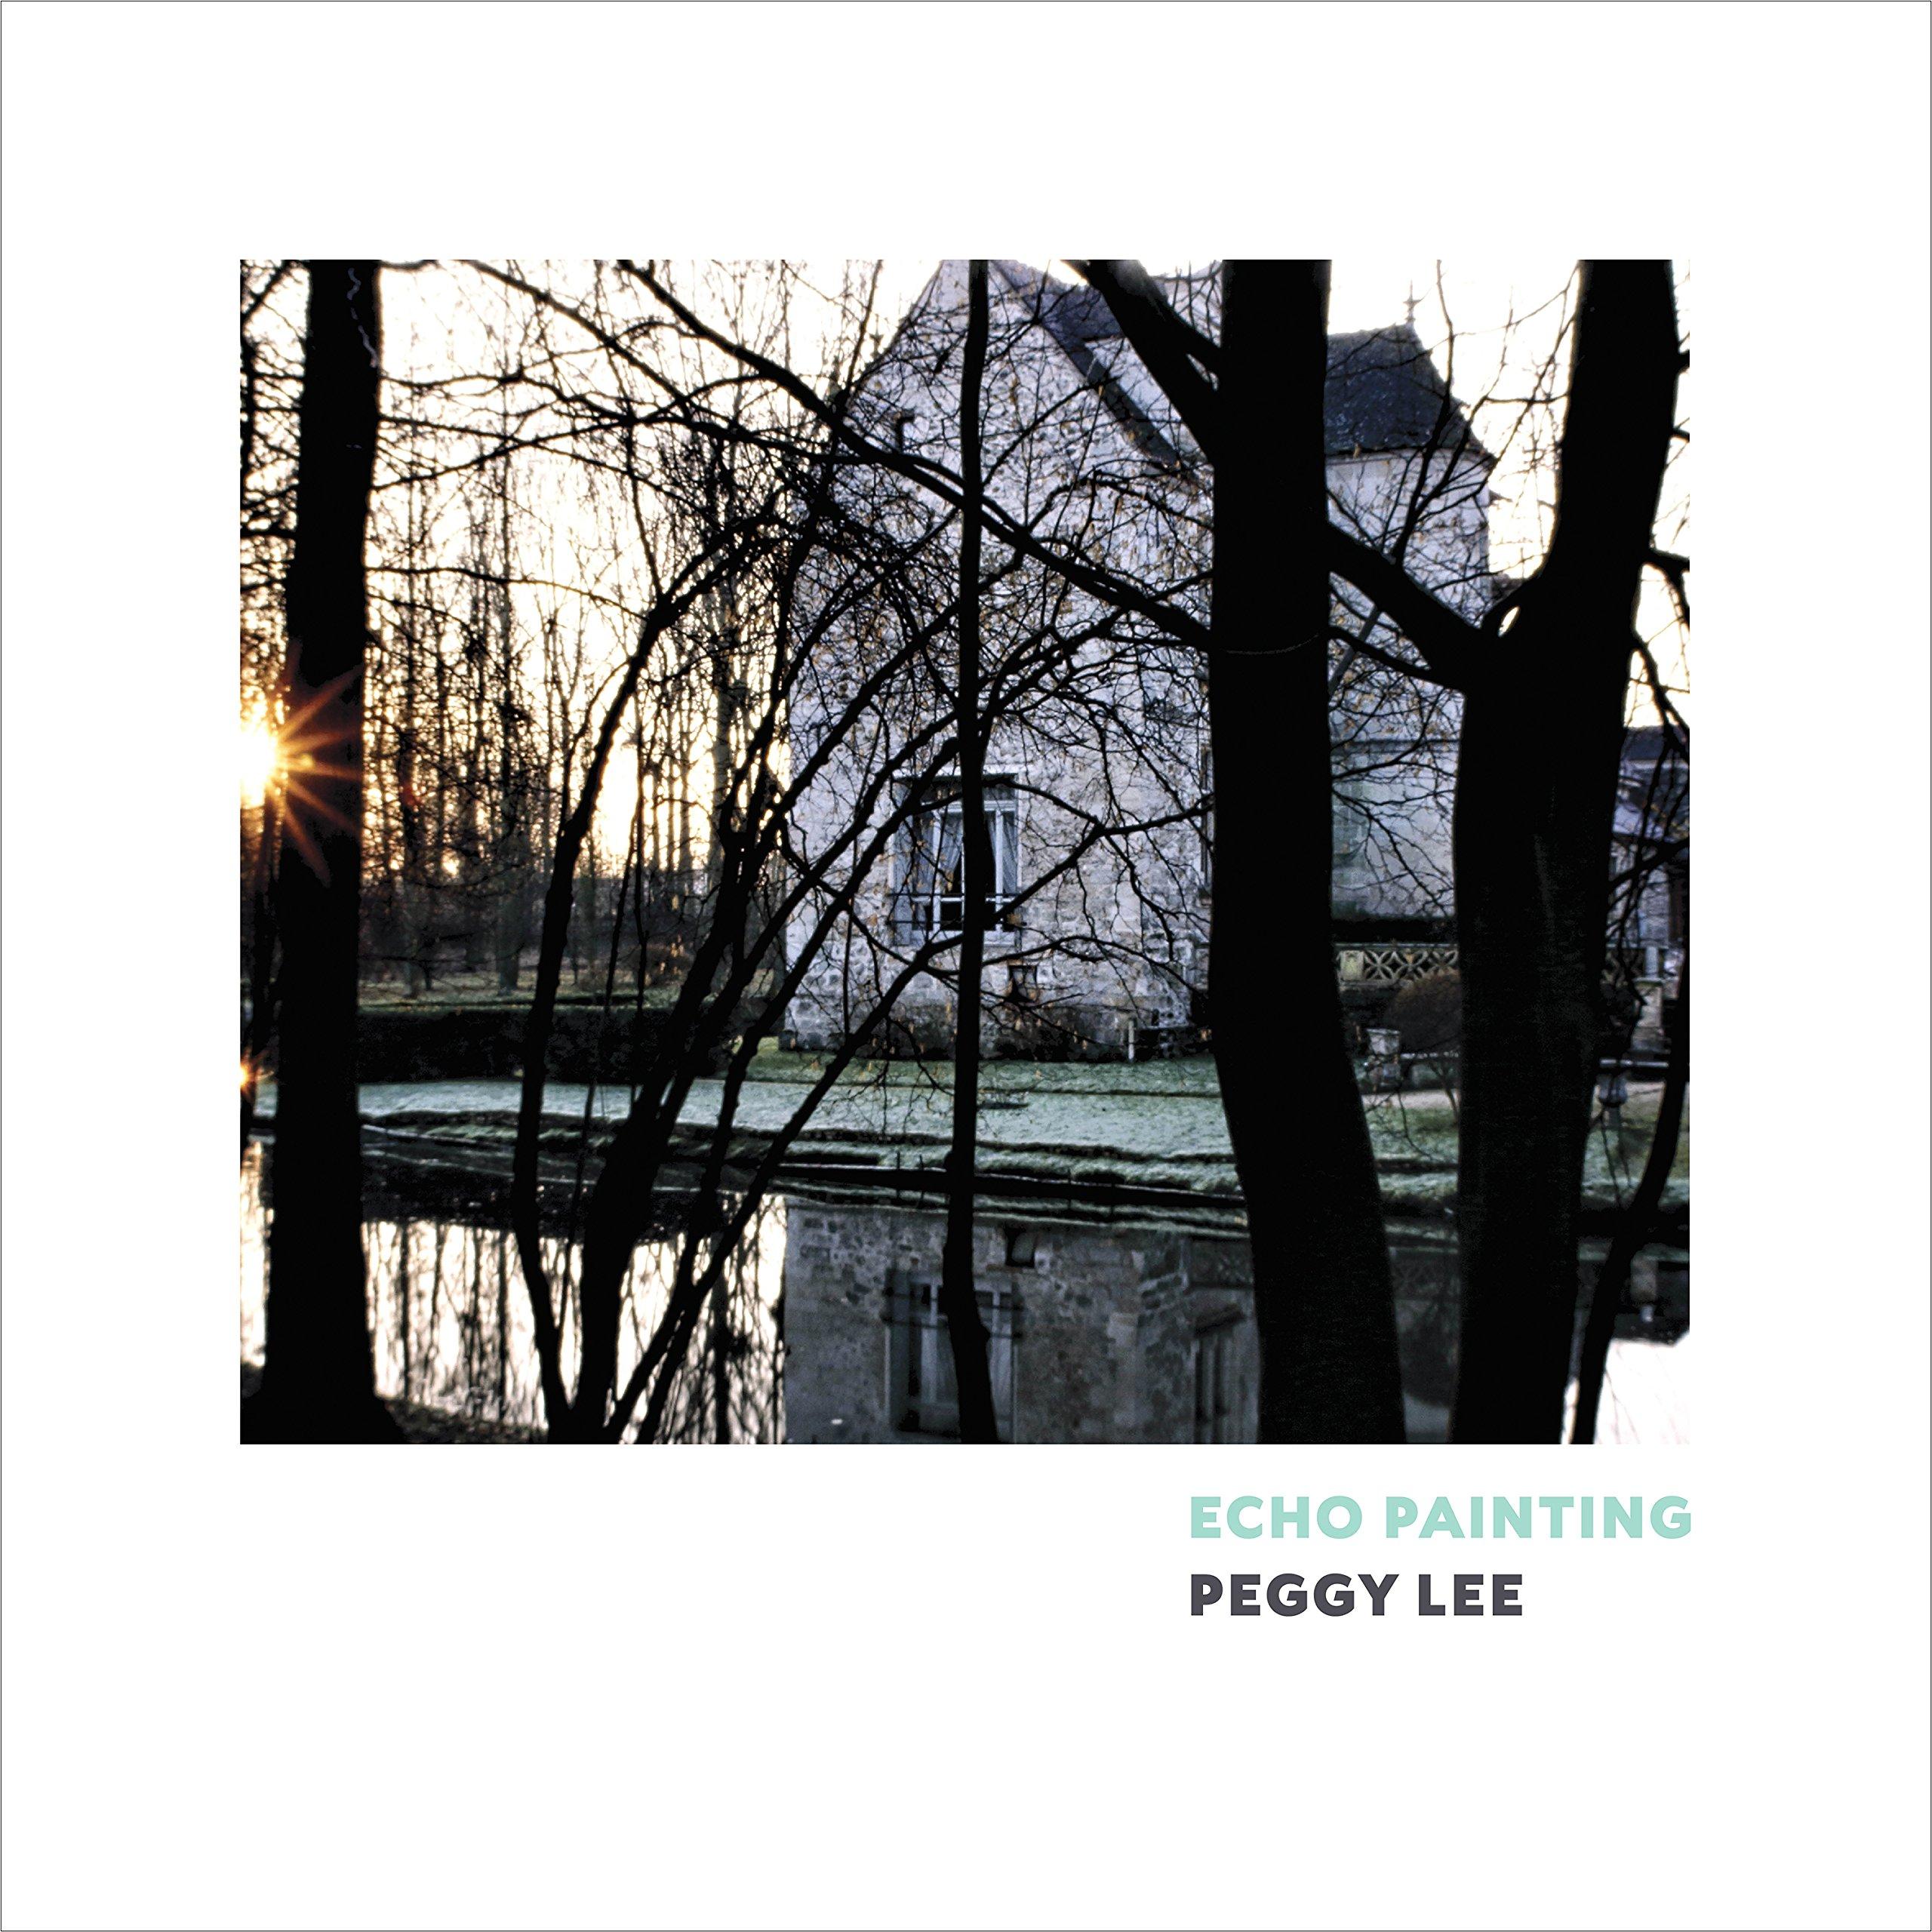 Vinilo : Peggy Lee - Echo Painting (LP Vinyl)